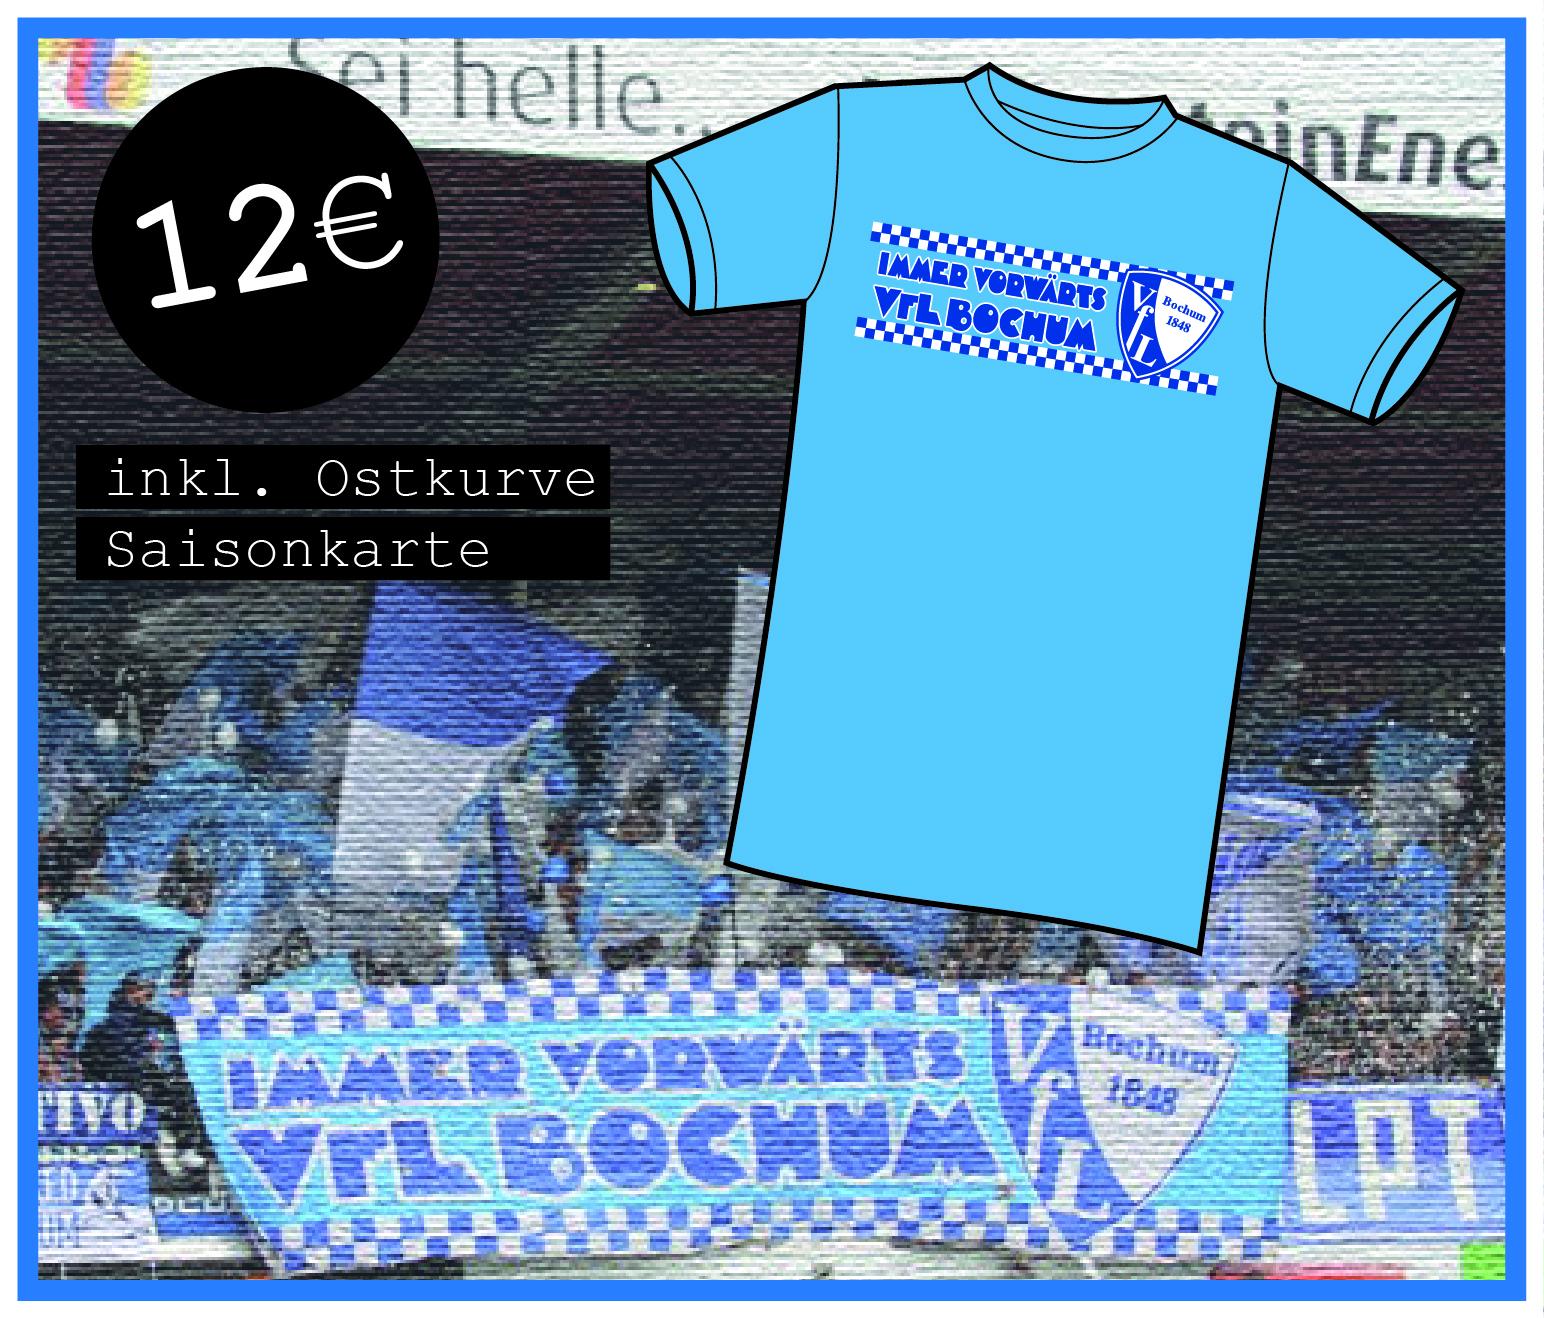 Werbung T-Shirt Immer Vorwärts VfL Bochum-01